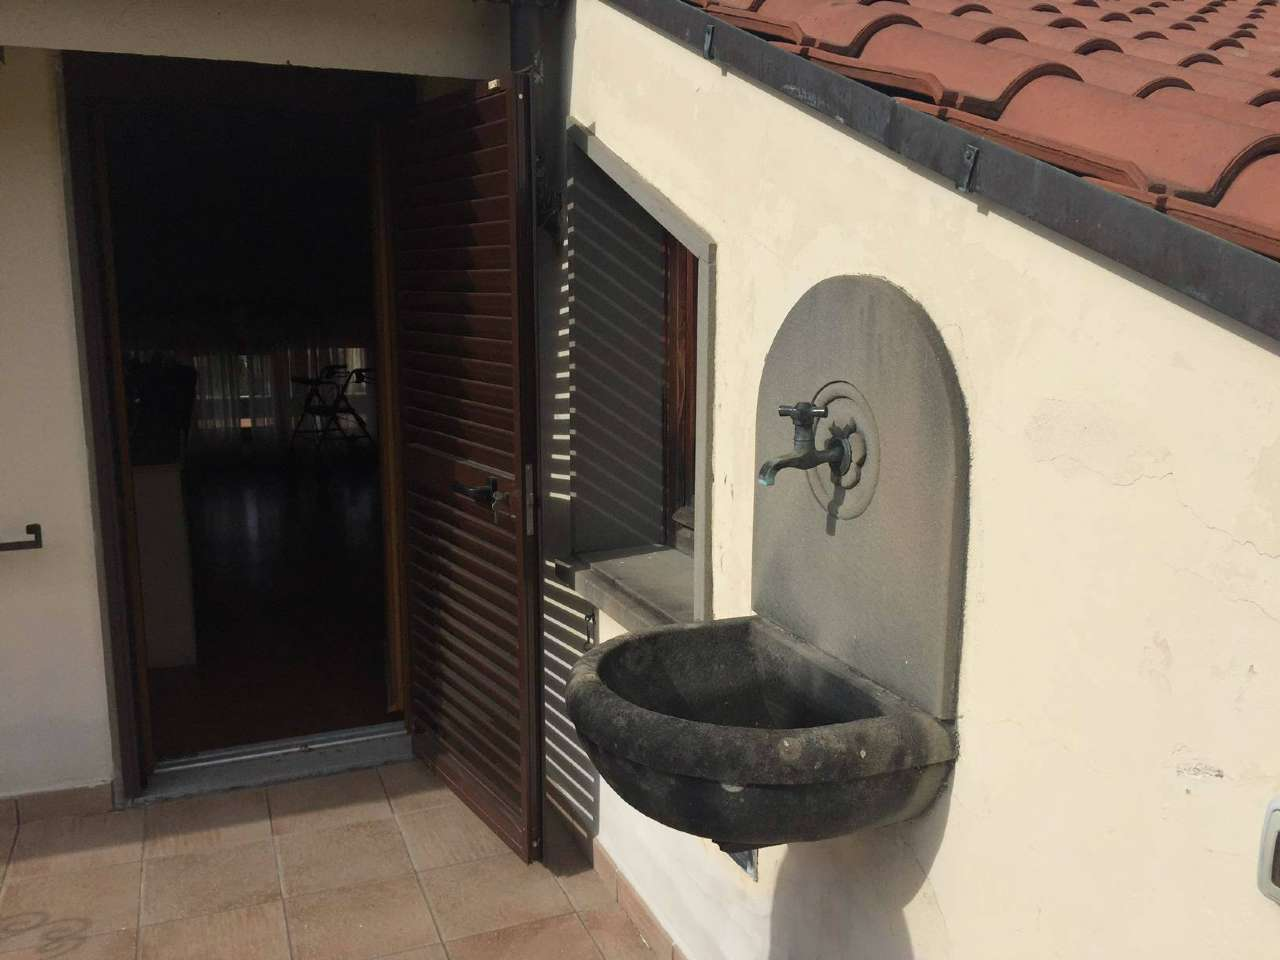 Attico / Mansarda in vendita a Prato, 6 locali, prezzo € 450.000 | CambioCasa.it